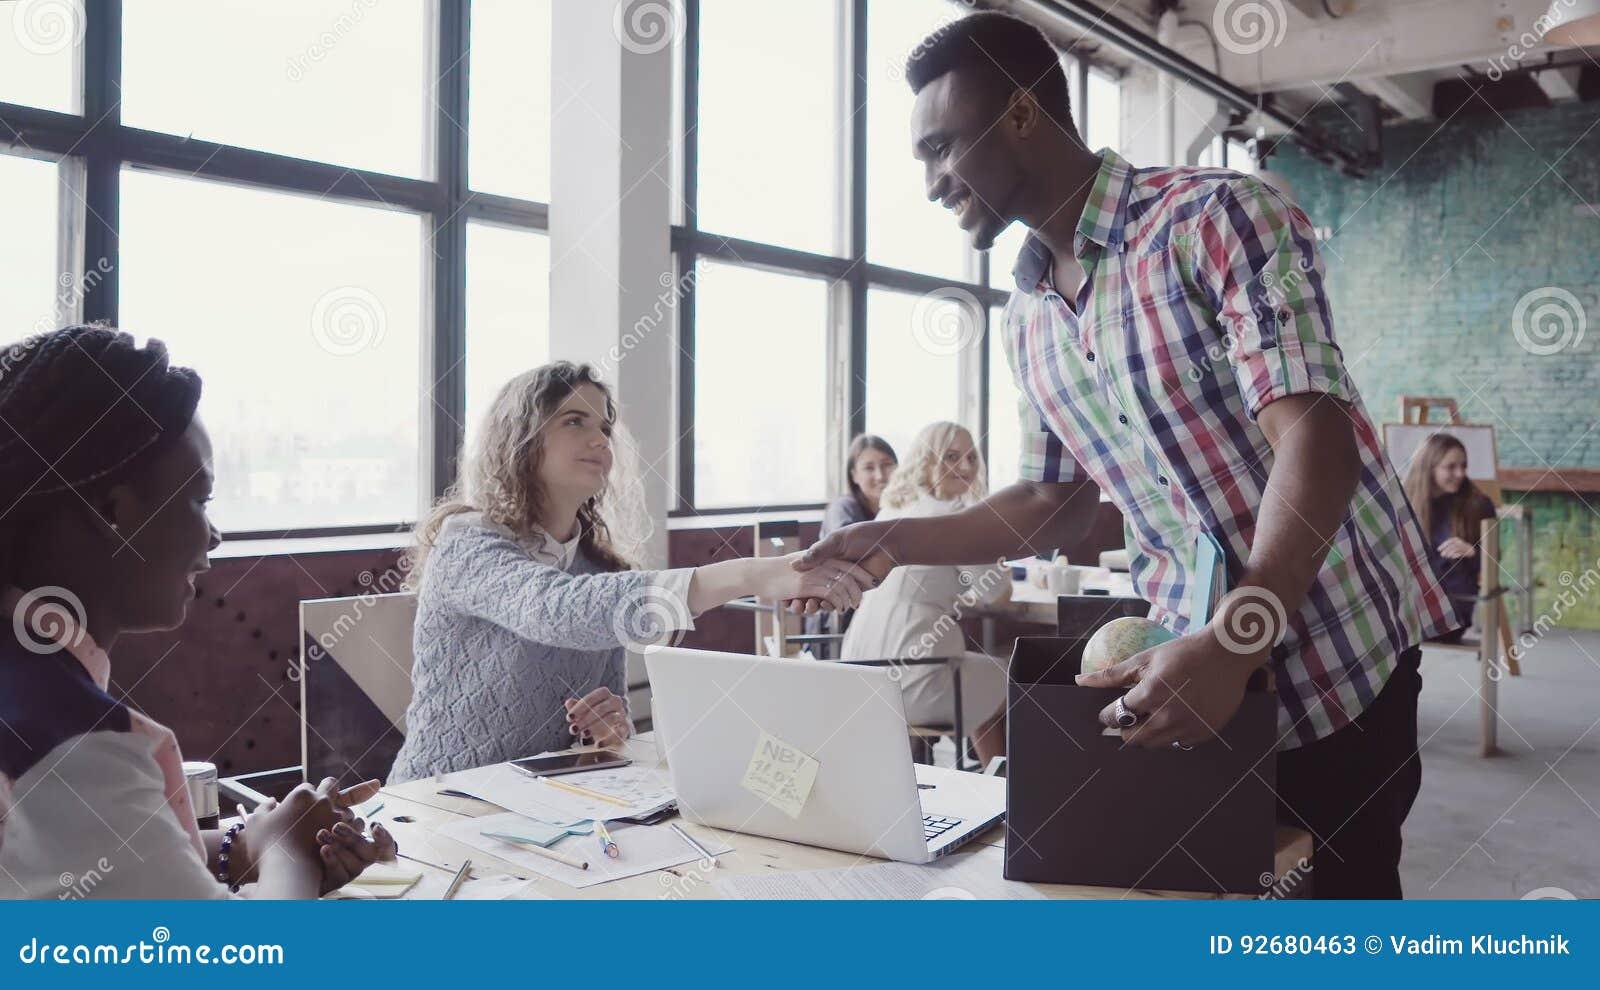 Lhomme africain a récemment loué au nouveau bureau entré dans par